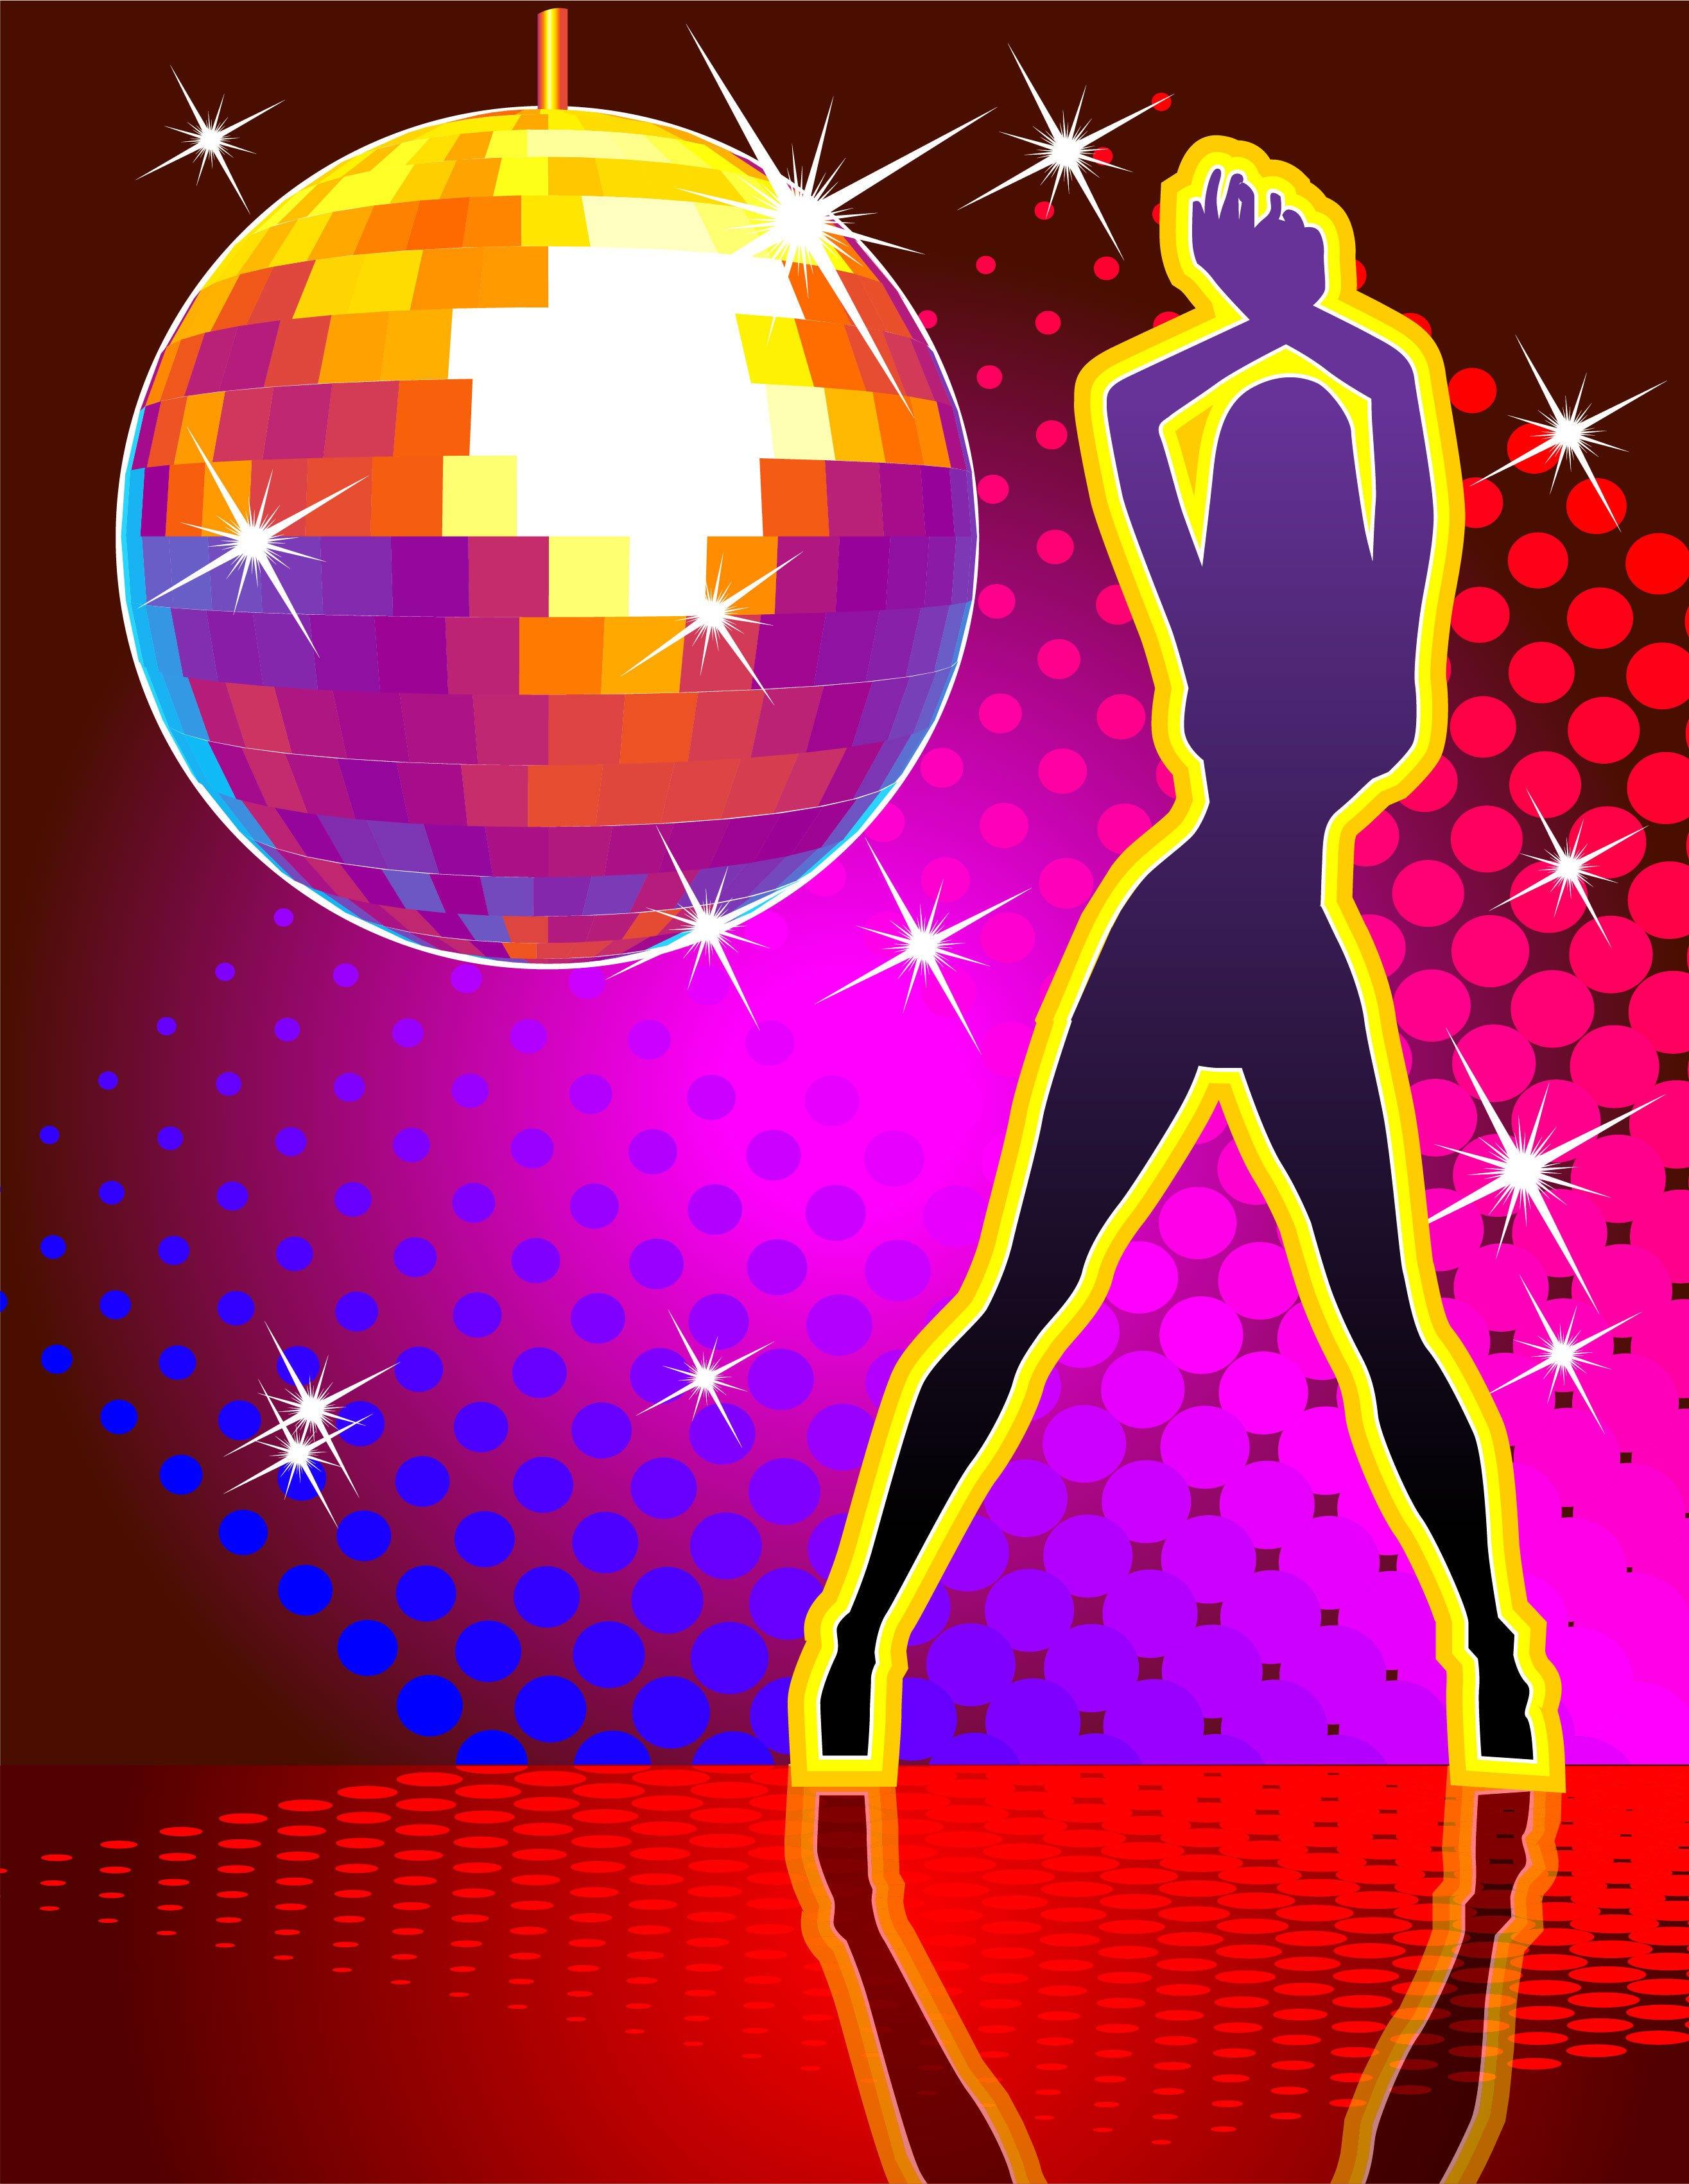 Disco Sign Purple Disco Girl & Ball 1.2m x 0.9m $45 incl gst